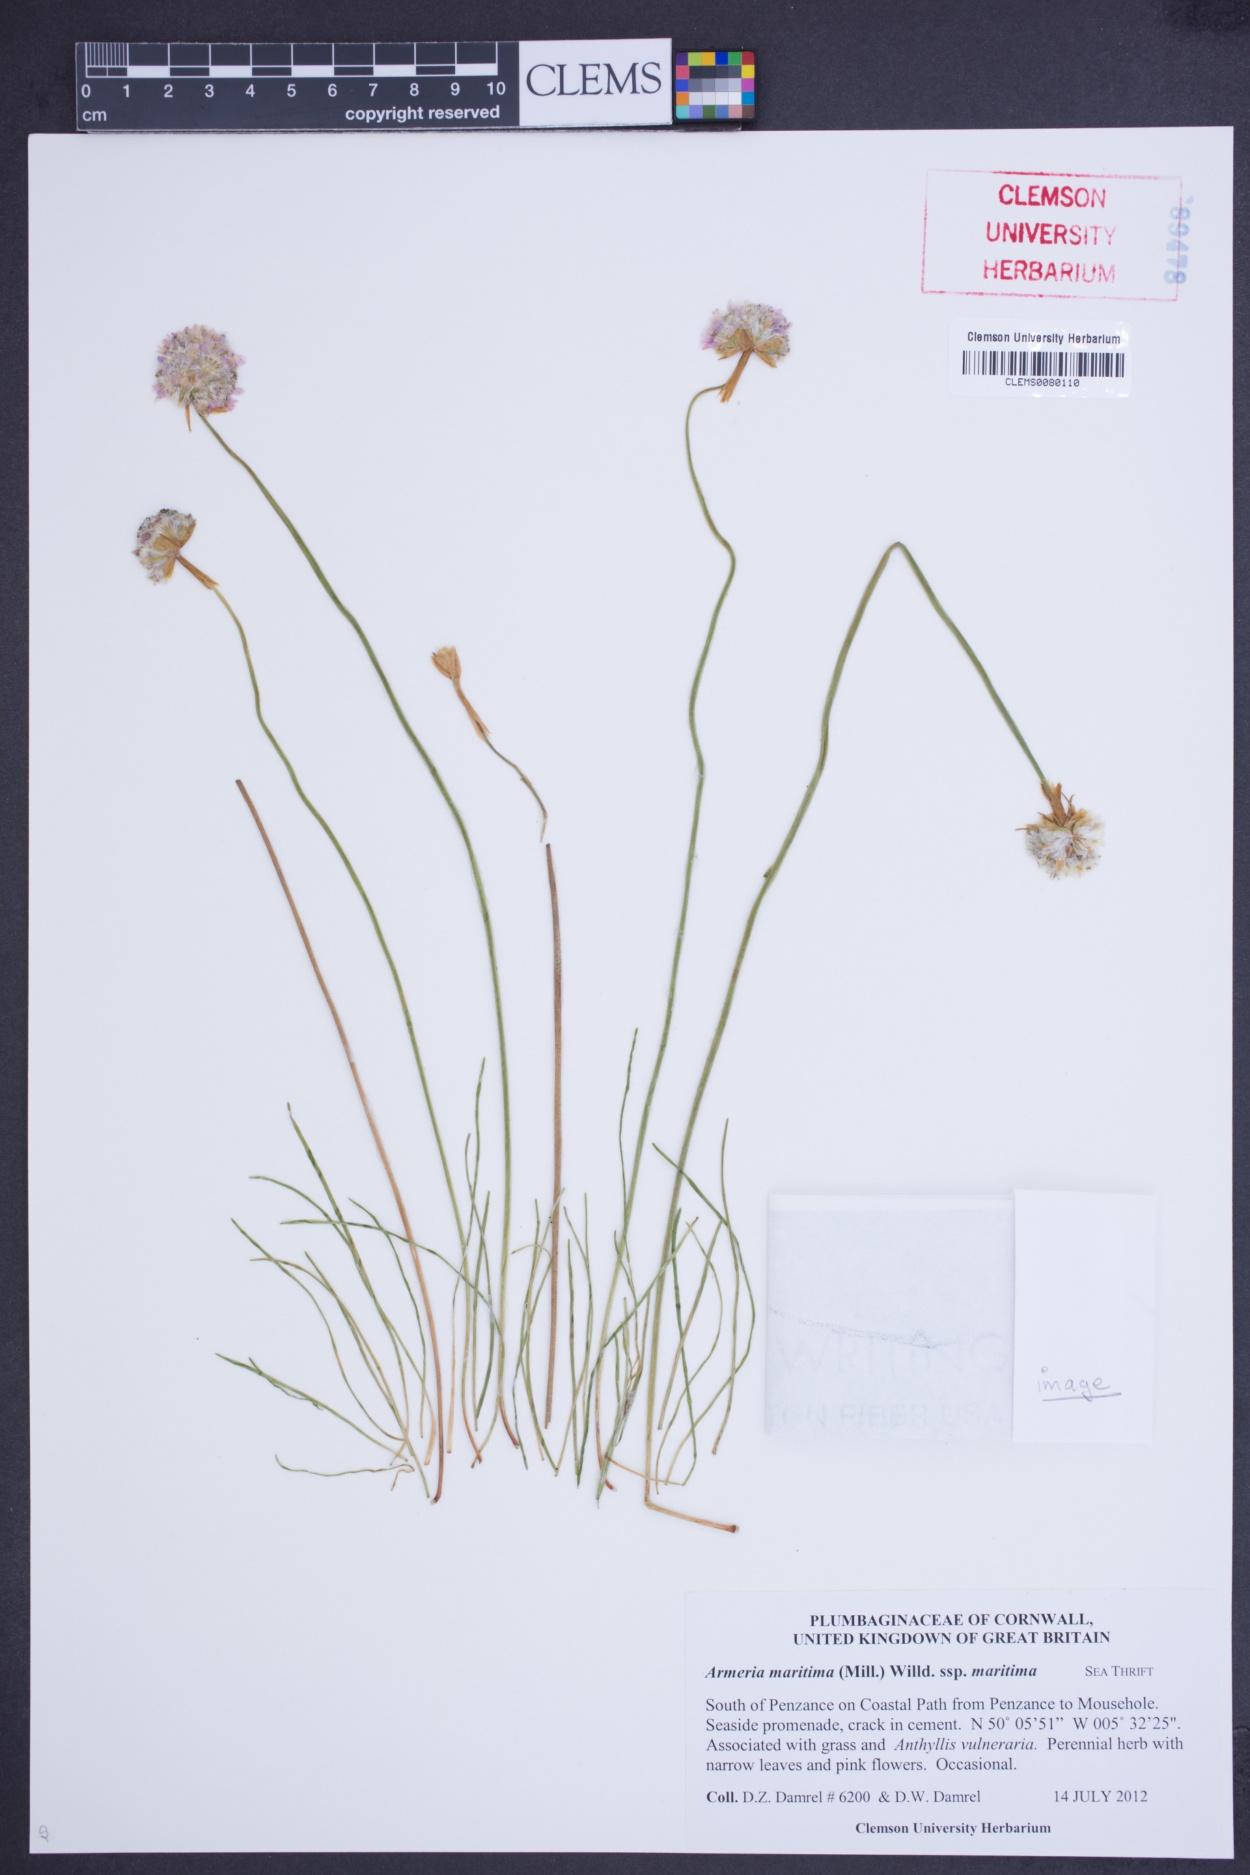 Armeria maritima subsp. maritima image